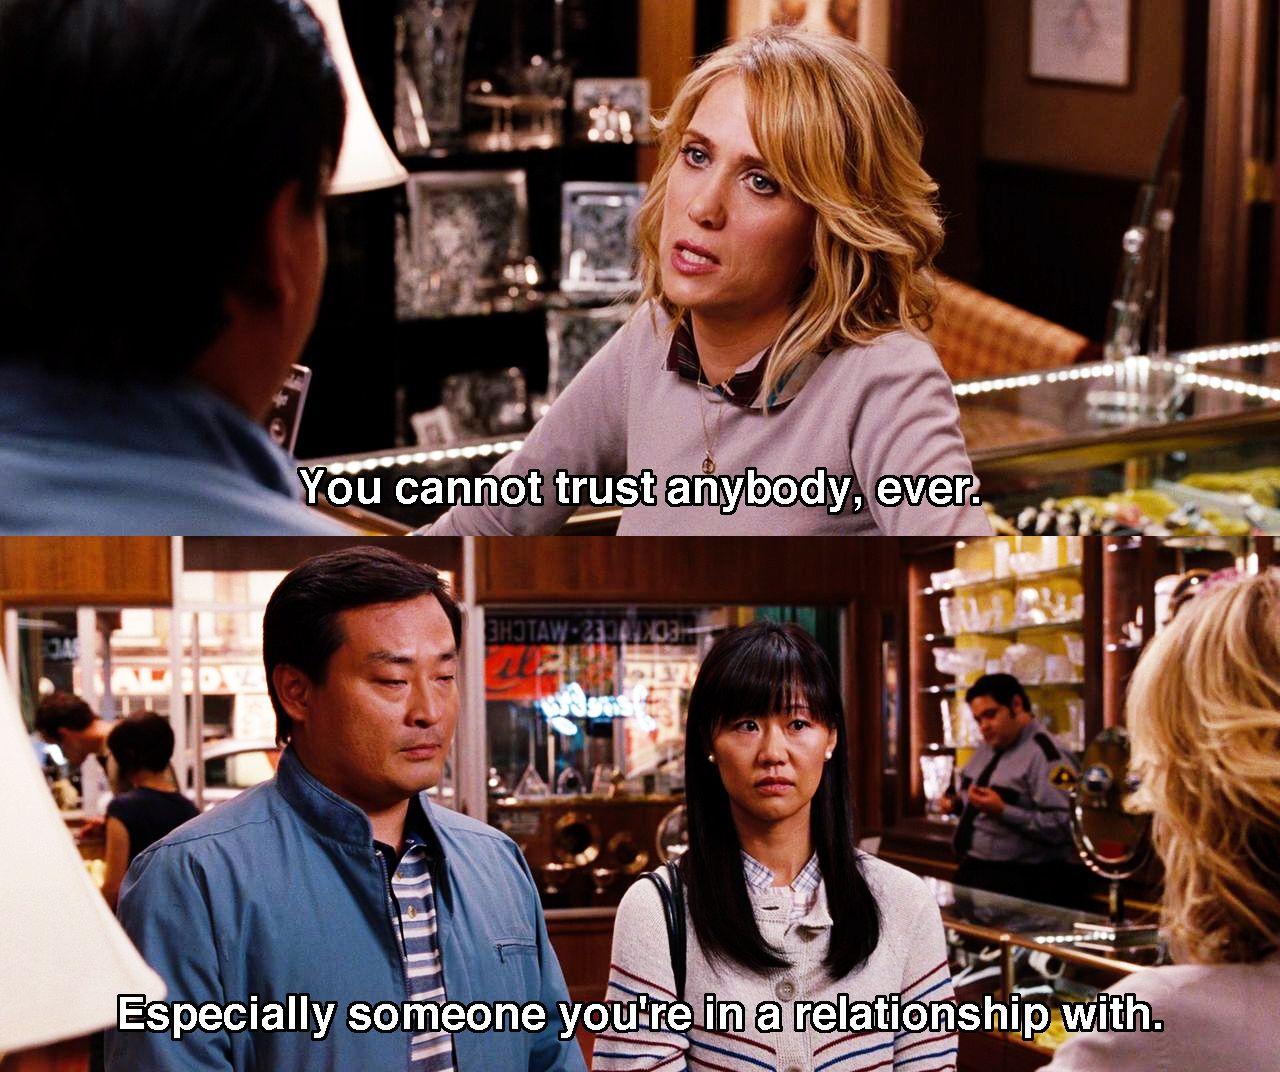 Bridesmaids 2011 Movie Quotes Bridesmaidsmovie Moviequotes Movie Quotes Funny Favorite Movie Quotes Bridesmaids Movie